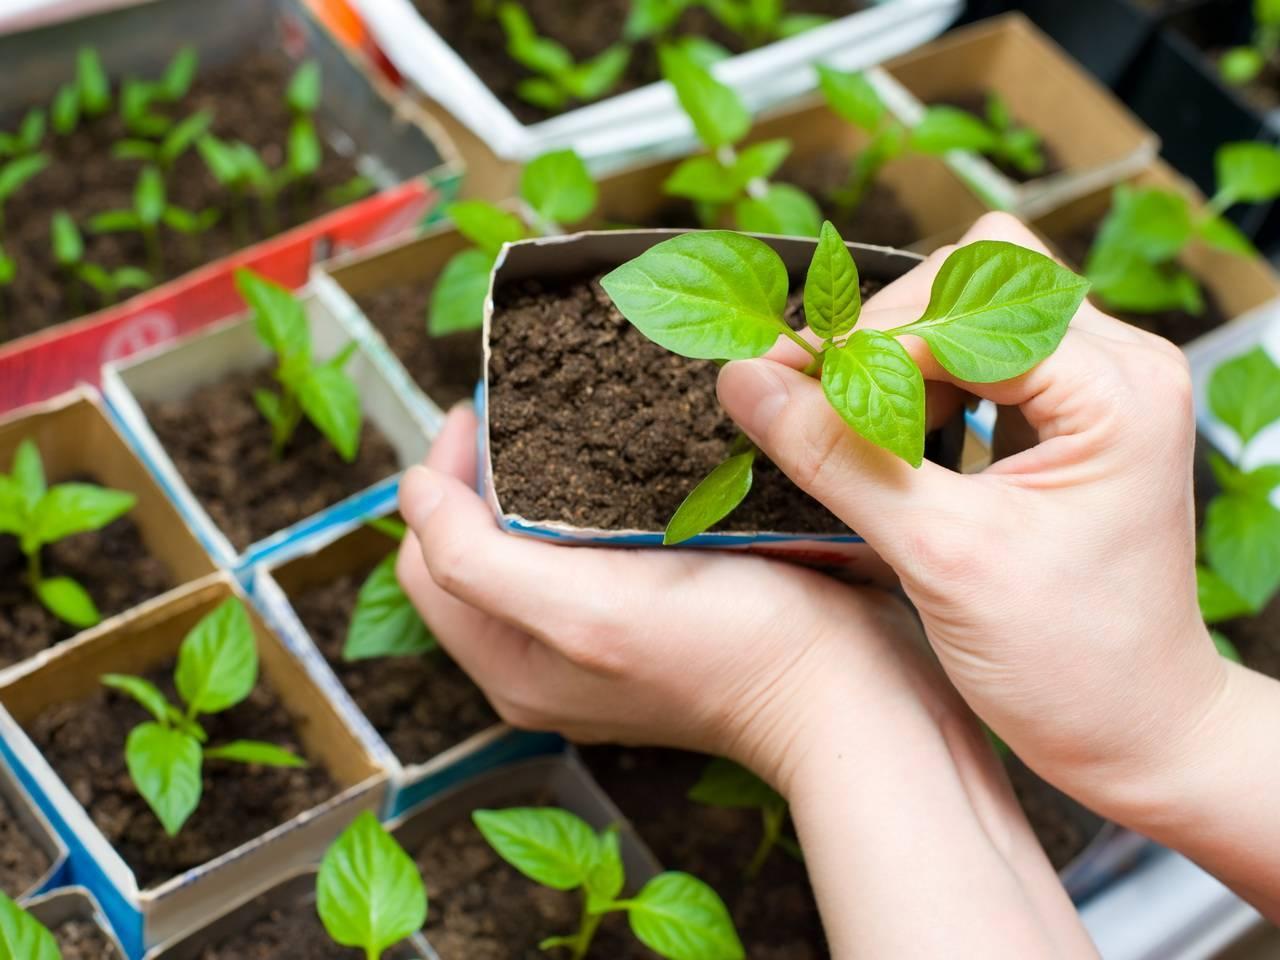 Выясняем чем подкормить рассаду перцев, а также когда и как часто это делать, какие удобрения использовать